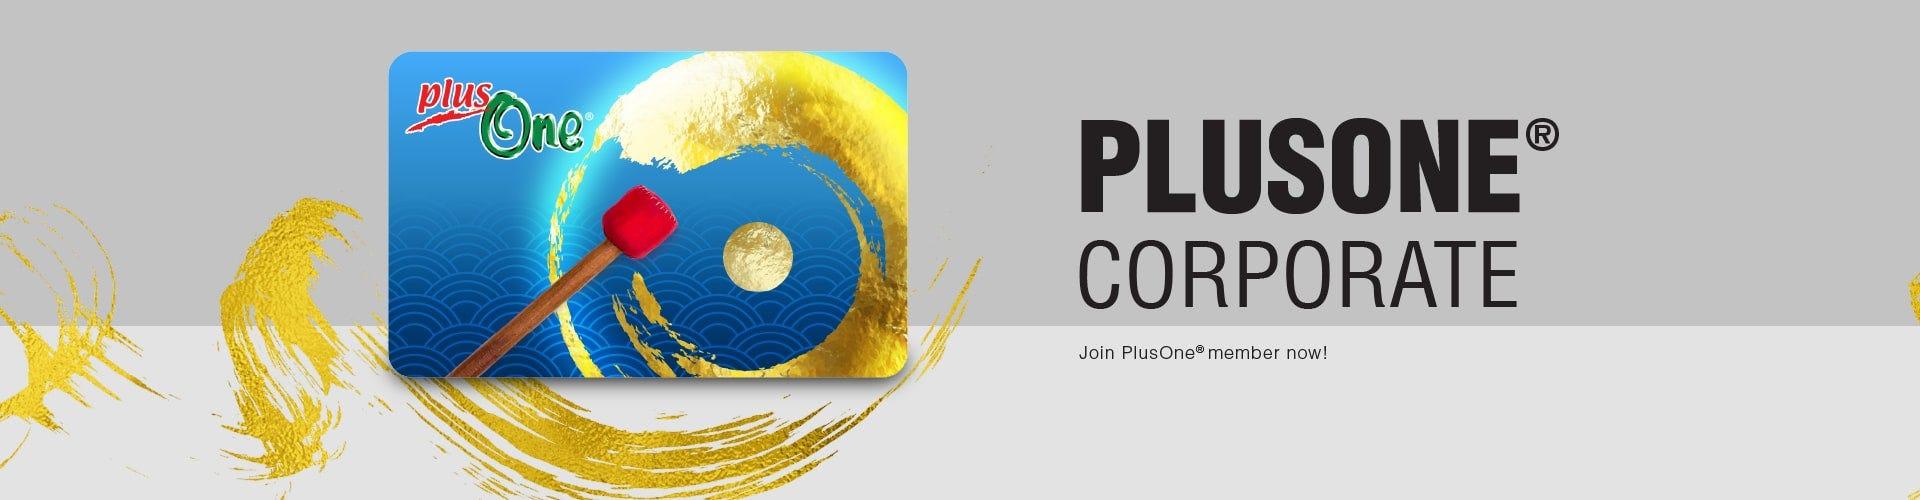 PlusOne Corporate